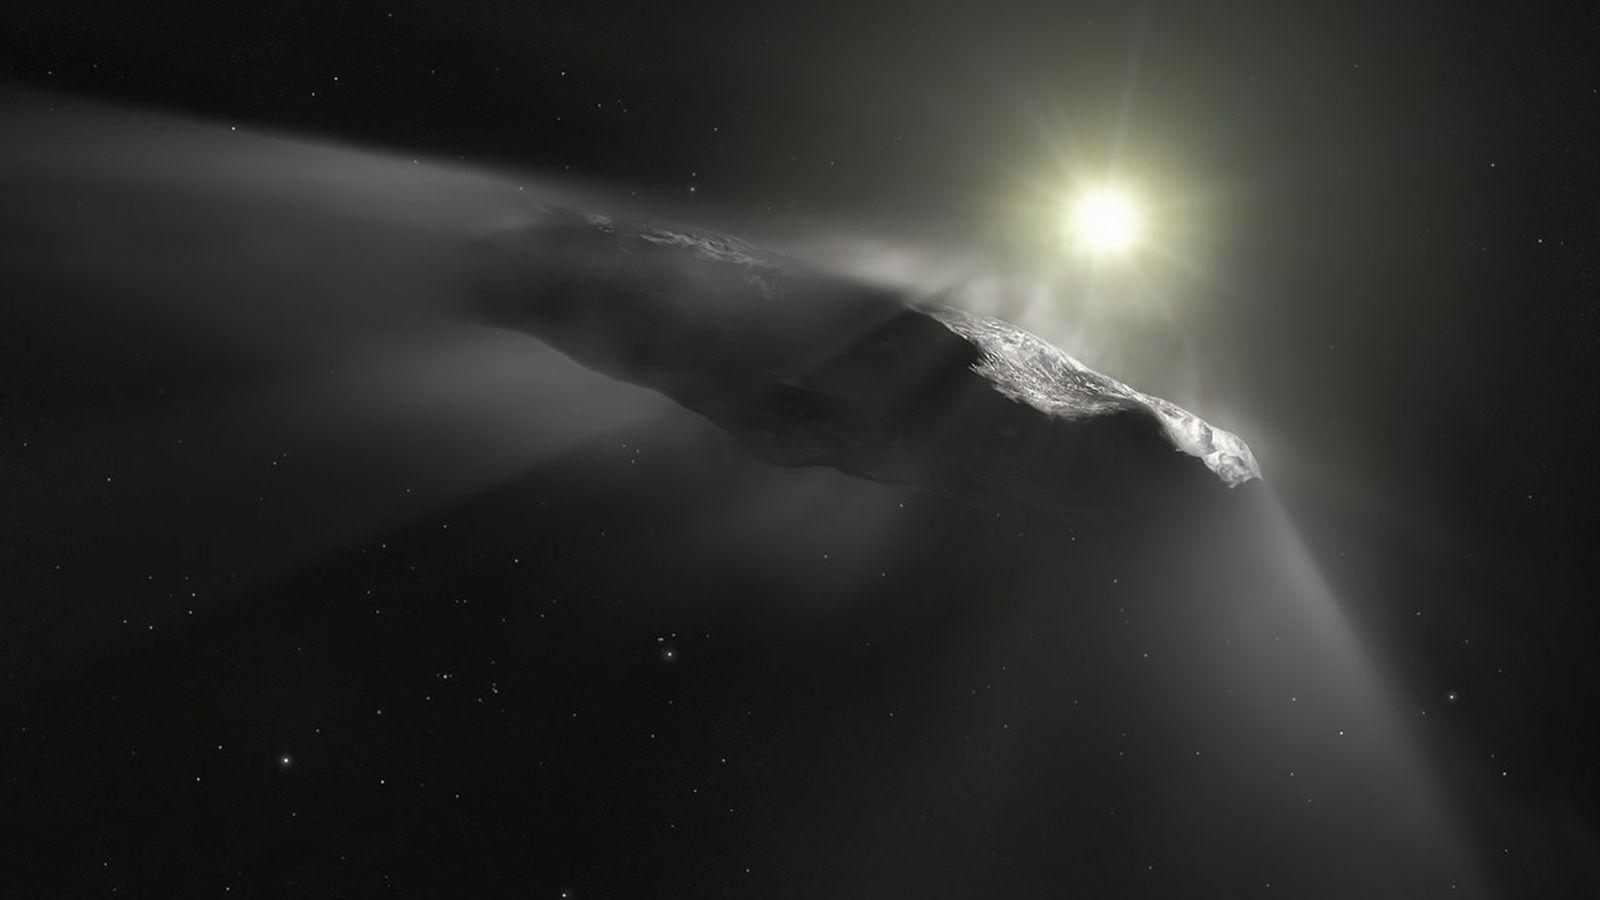 Ilustración de 'Oumuamua, un asteroide de forma extraña. Fue la primera roca espacial proveniente de otro ...